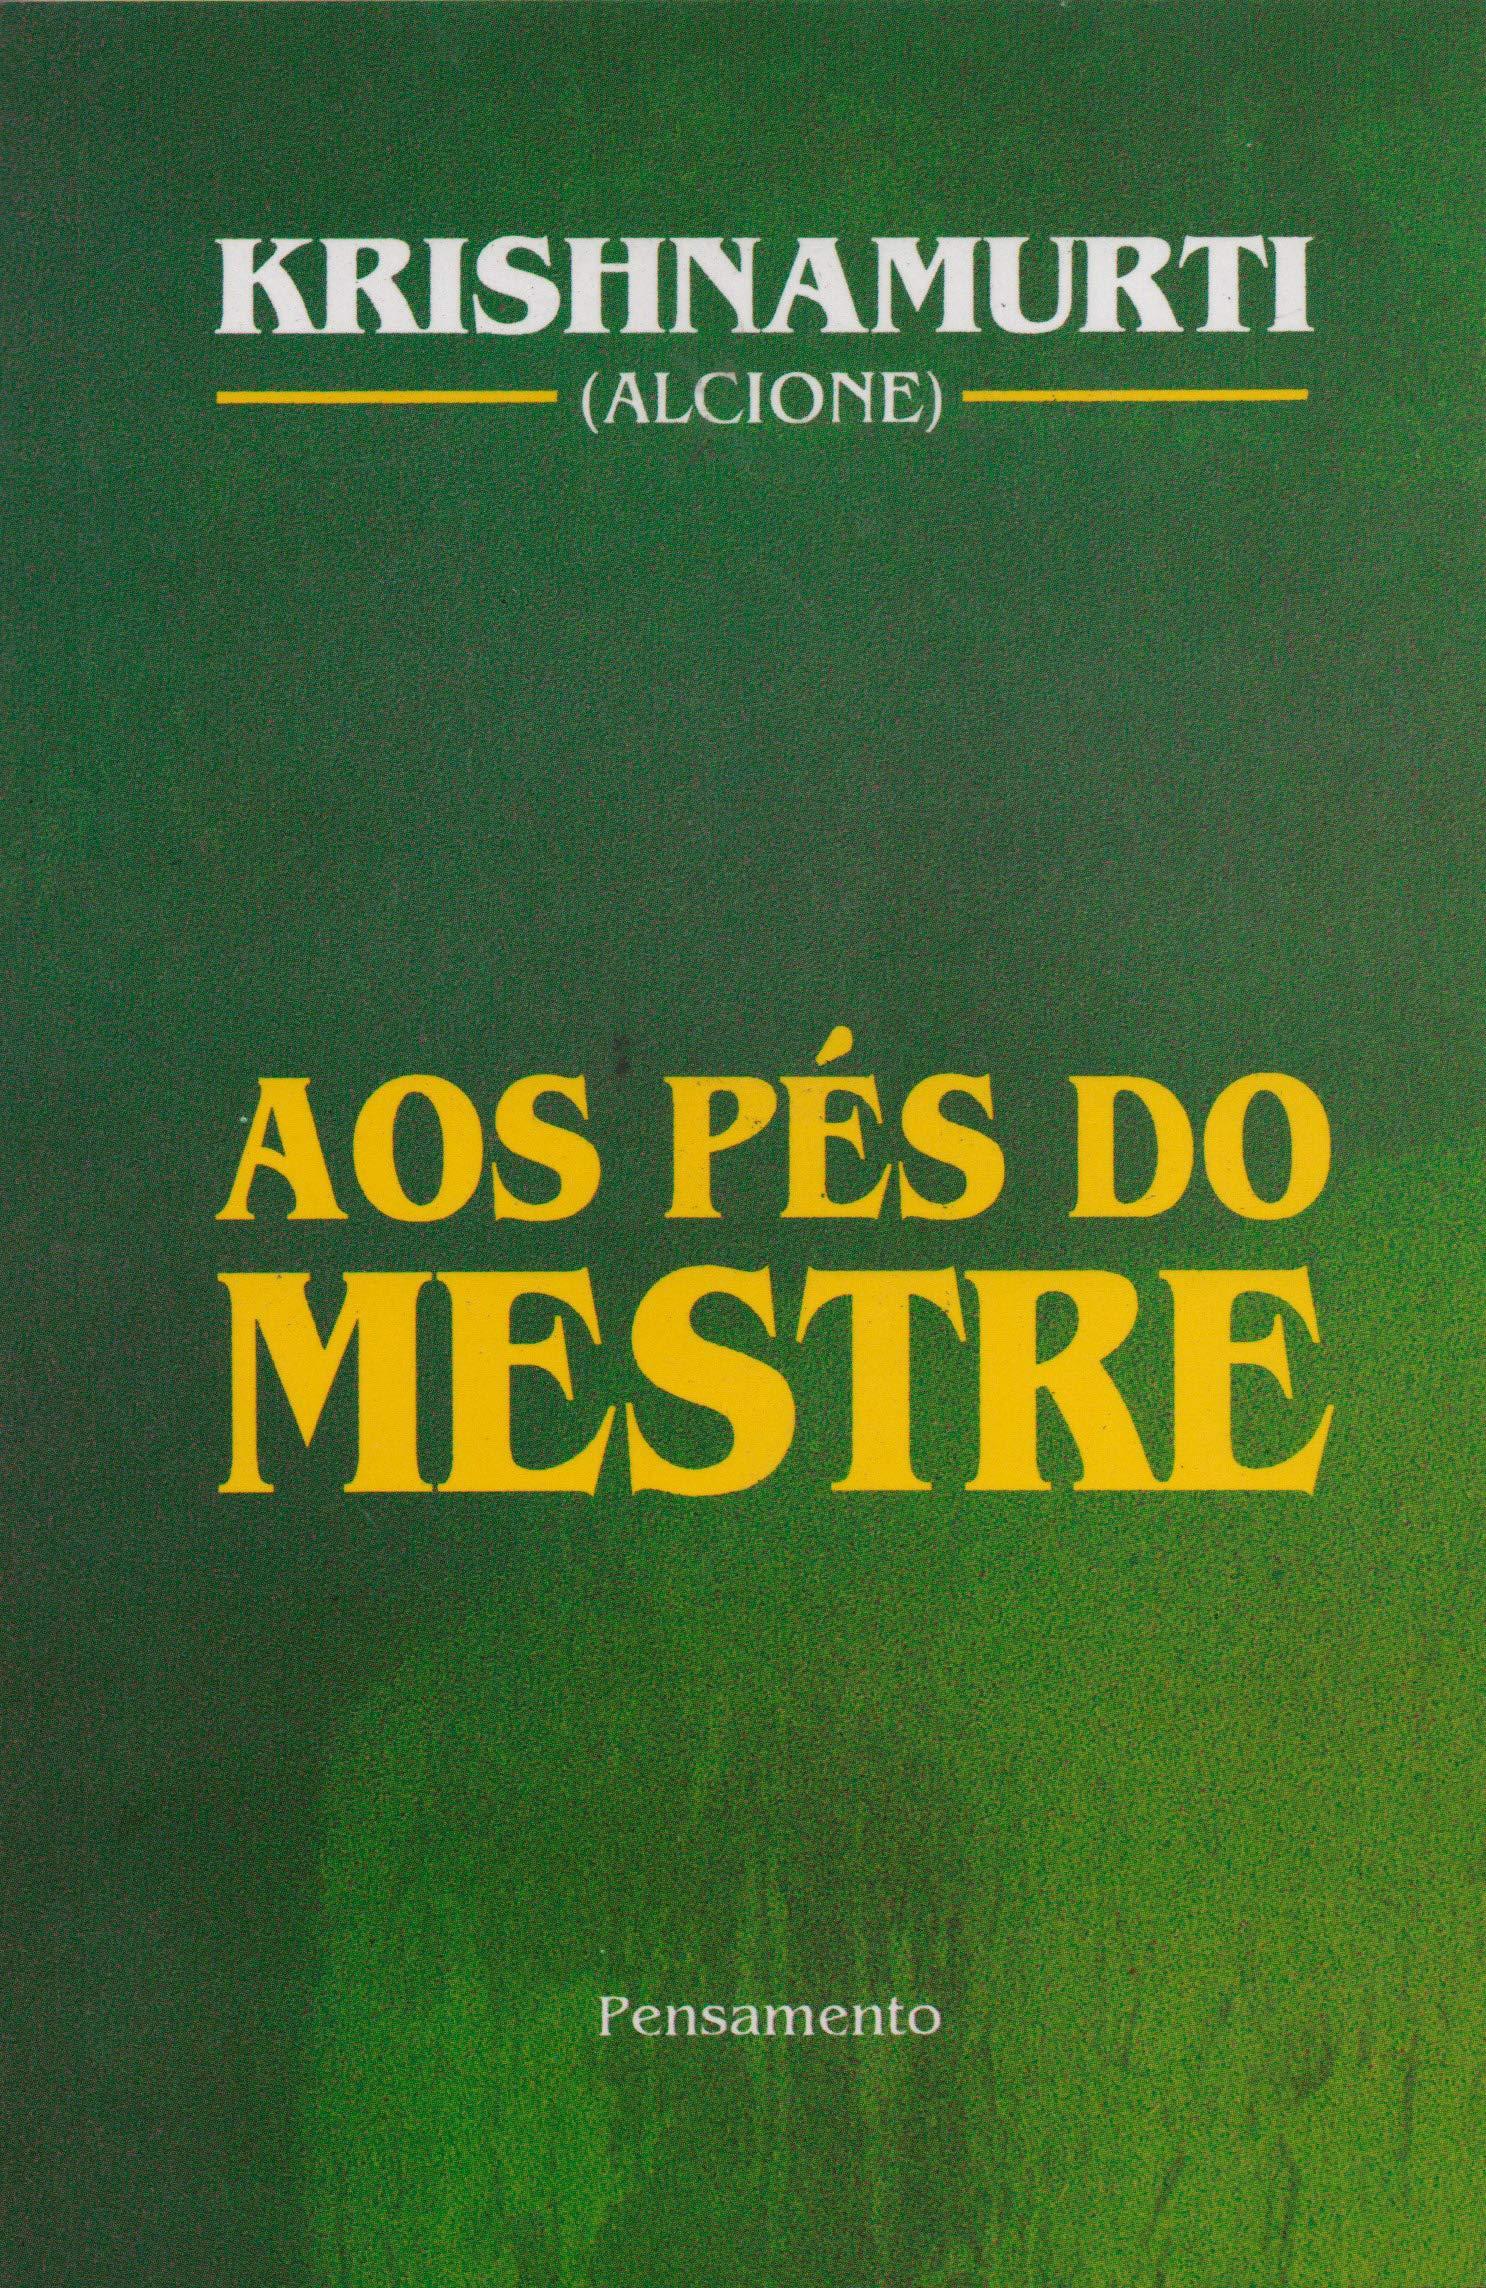 Aos_Pés_do_Mestre_(Krishnamurti)